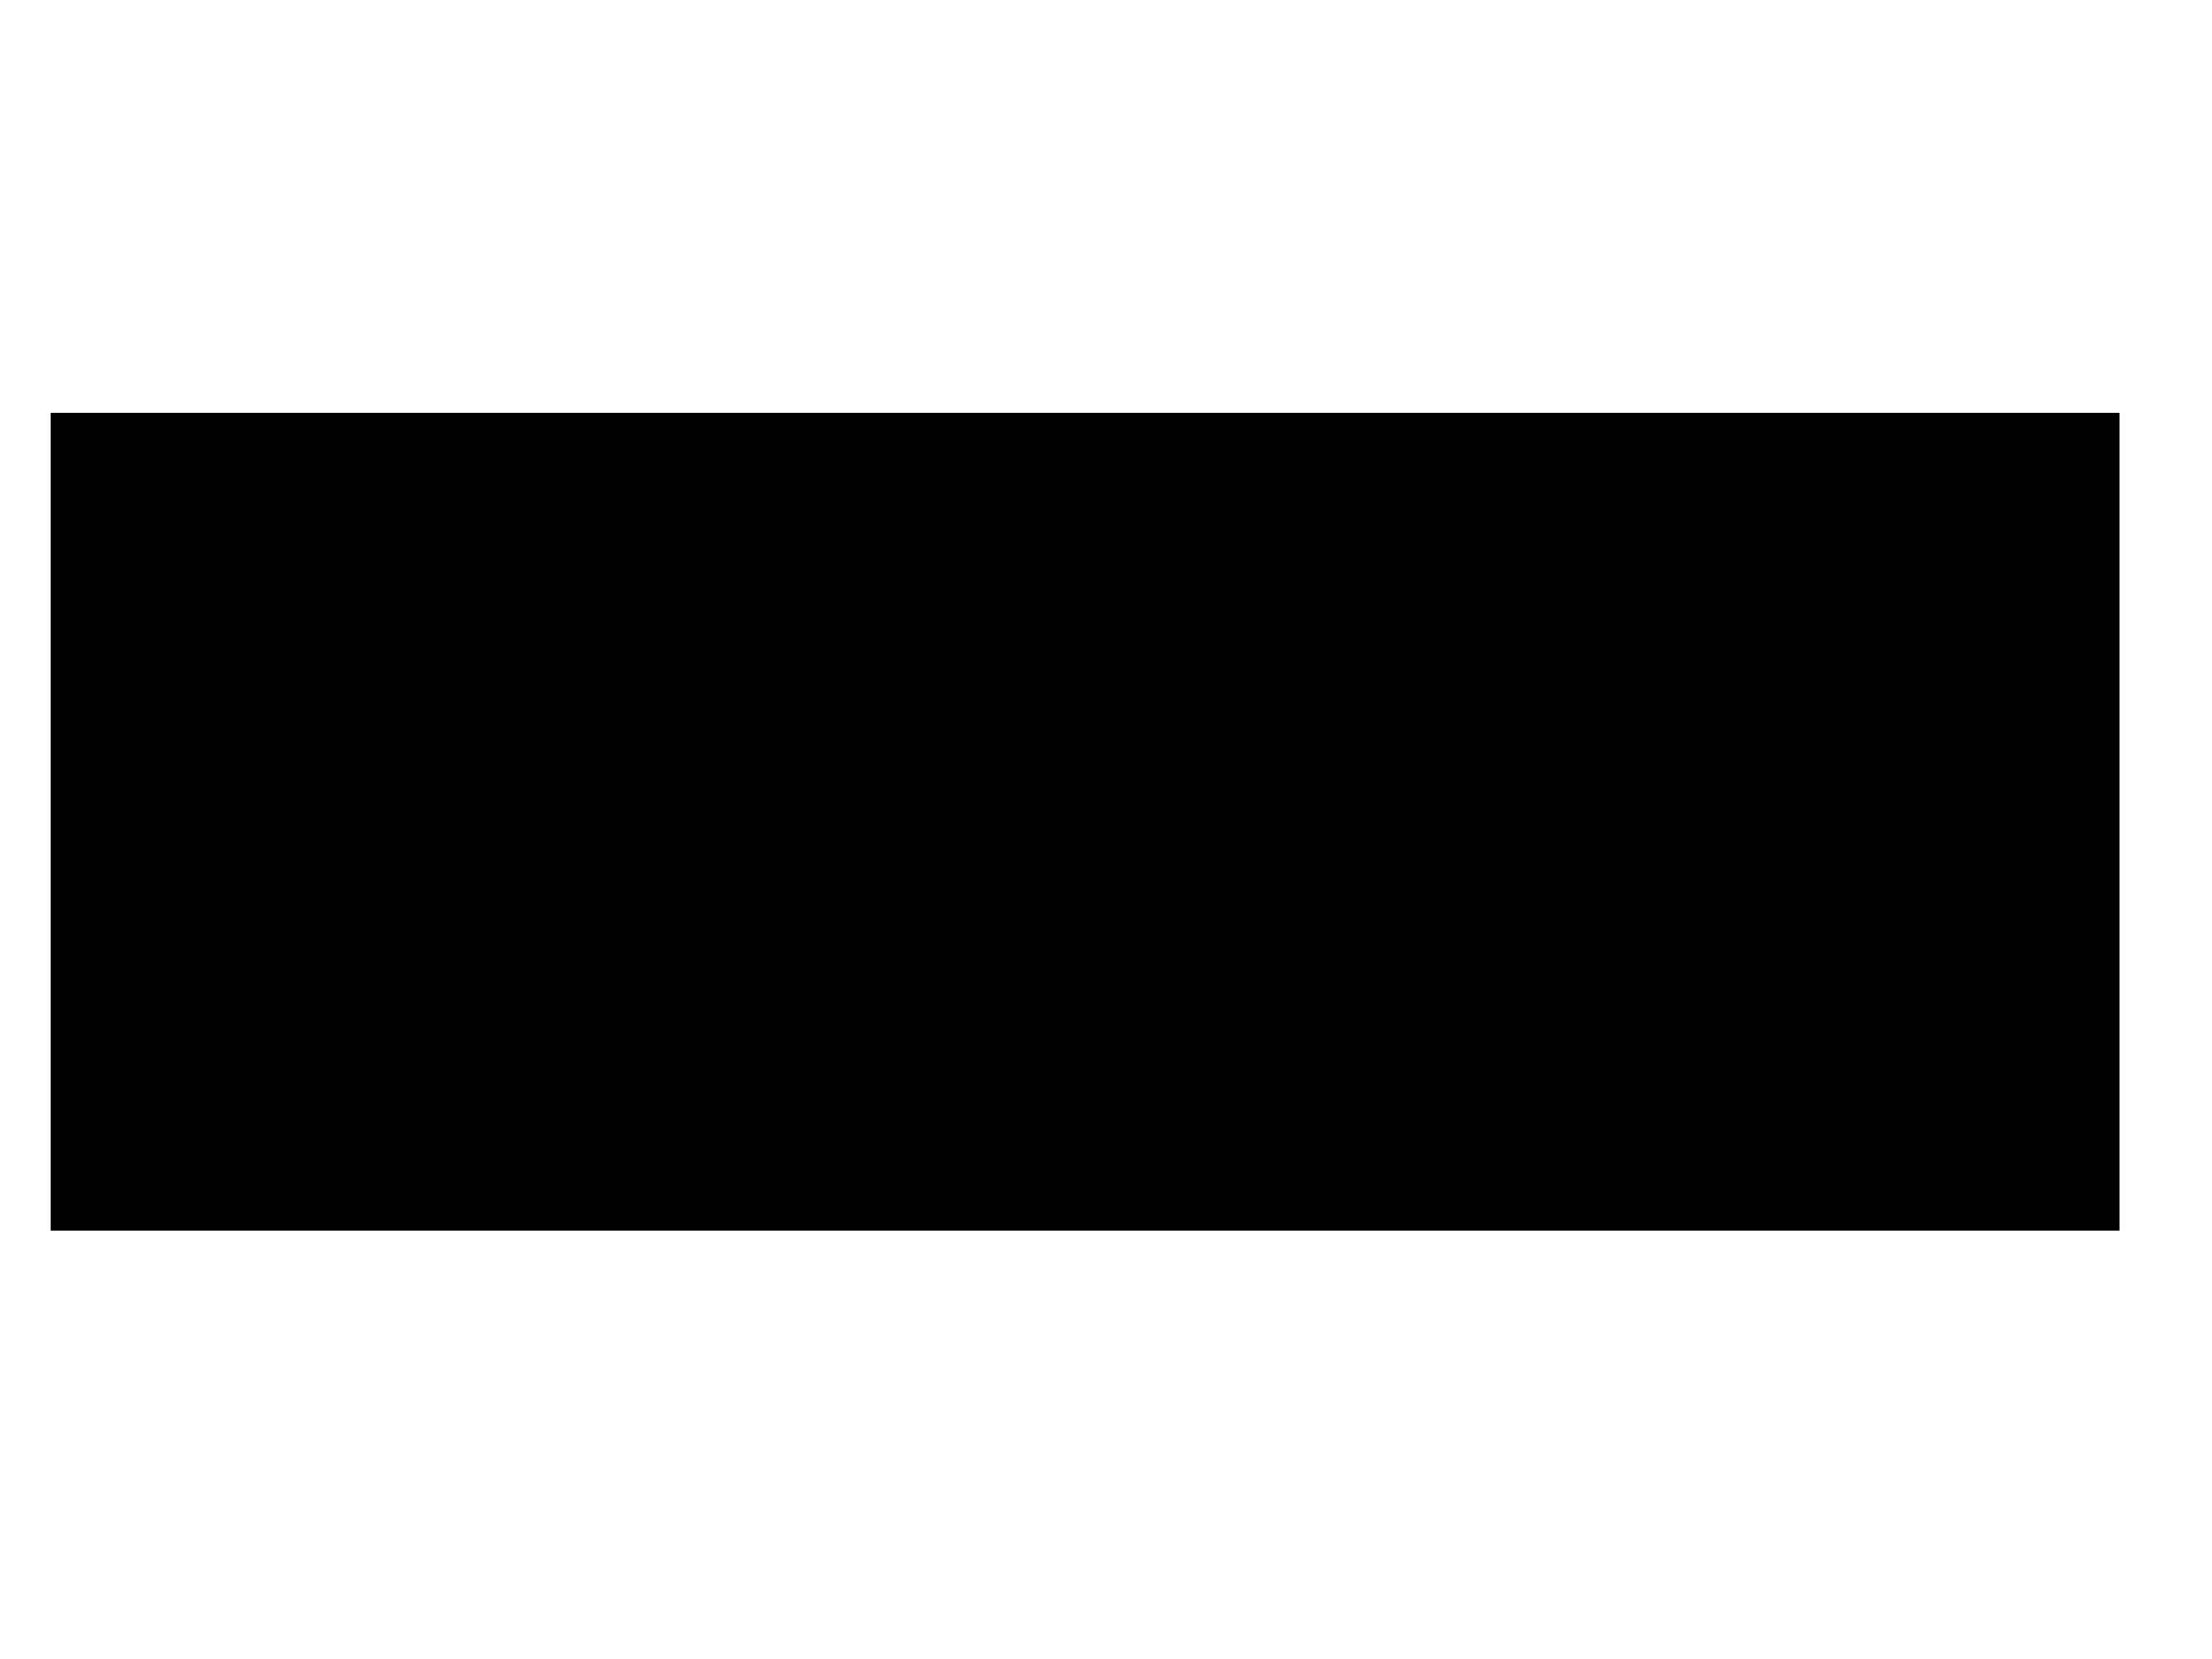 Swarovski-logo-2017-logotype.png